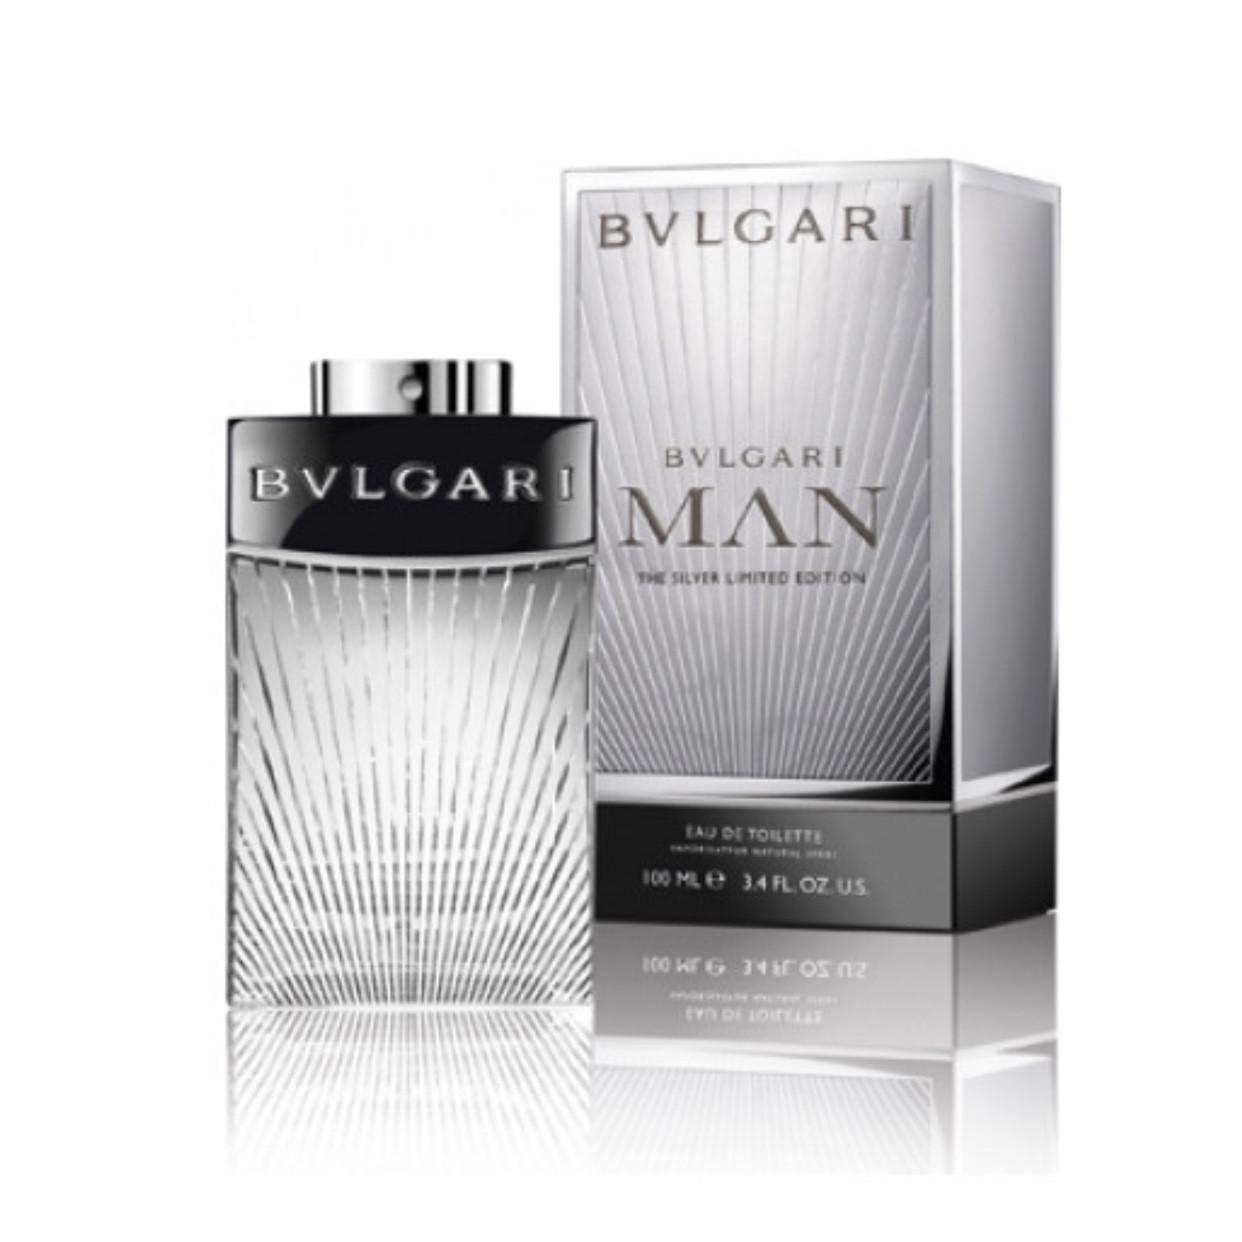 Туалетная вода BVLGARI Man The Silver Limited Edition 100ml, соблазнительный древесно-восточный аромат